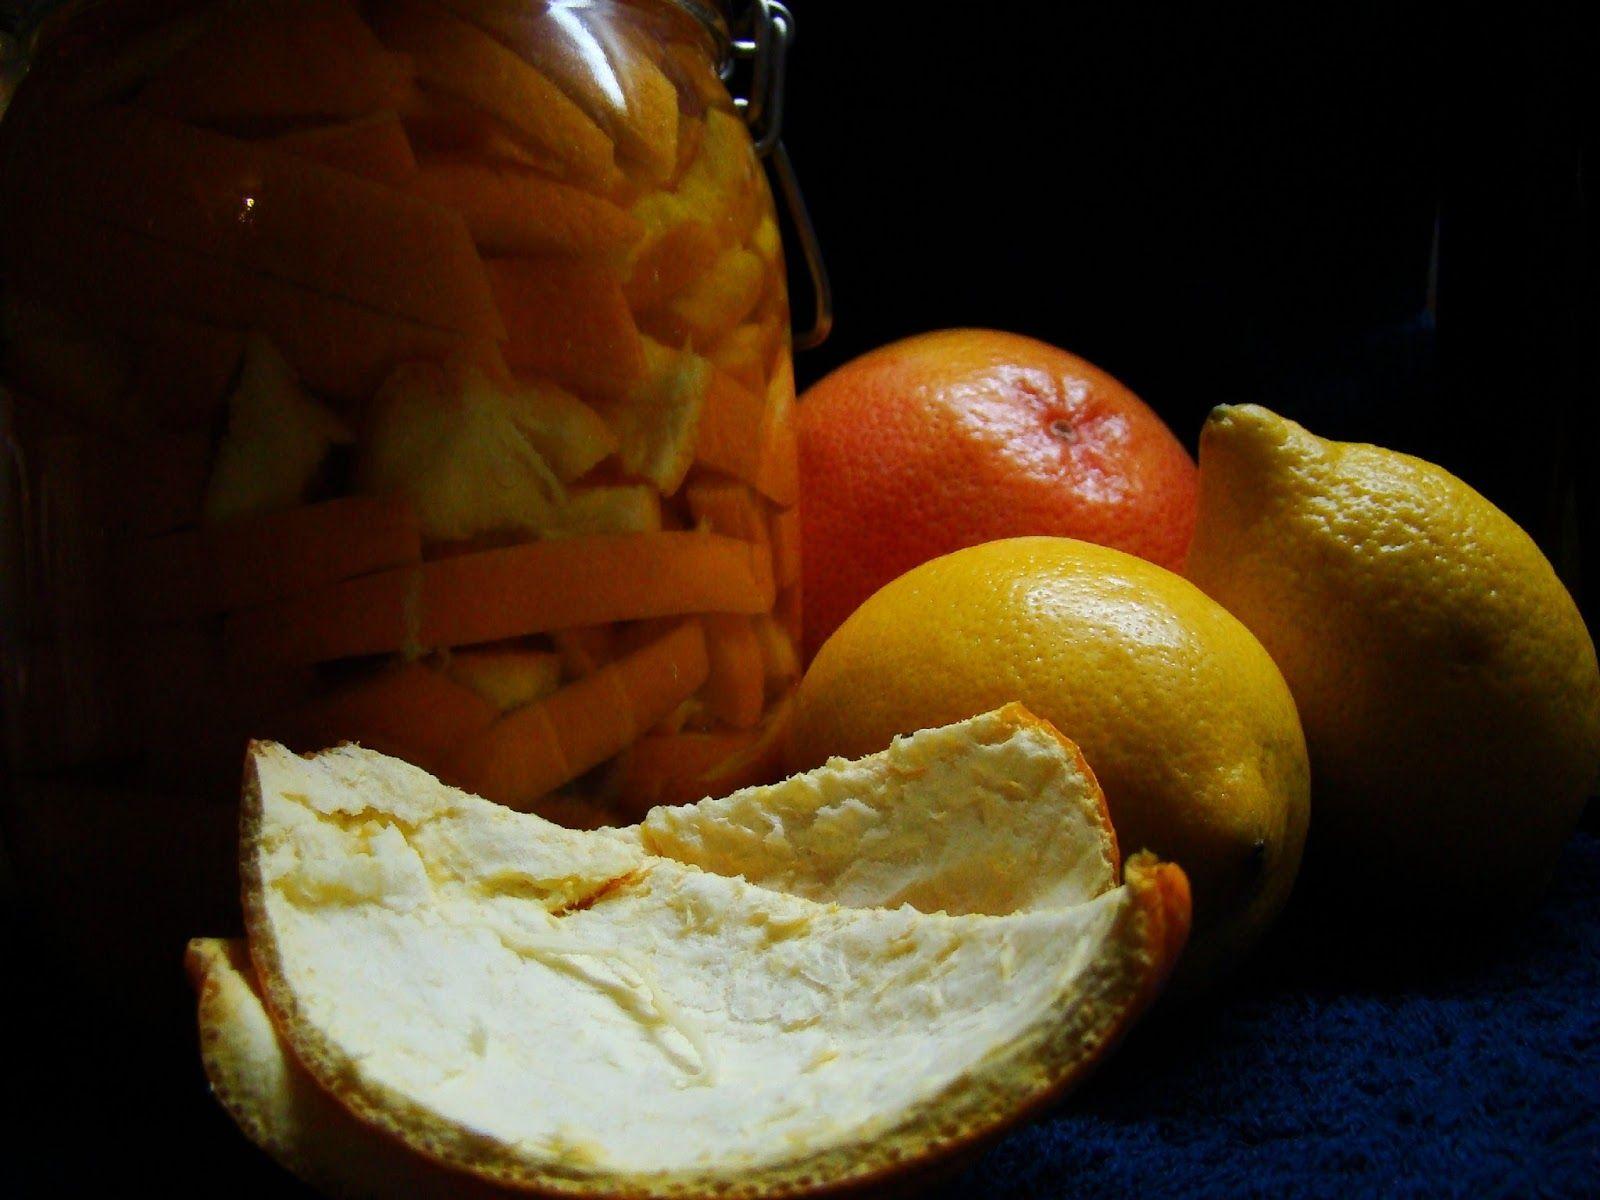 Univerzální čistič povrchů z citrusových slupek